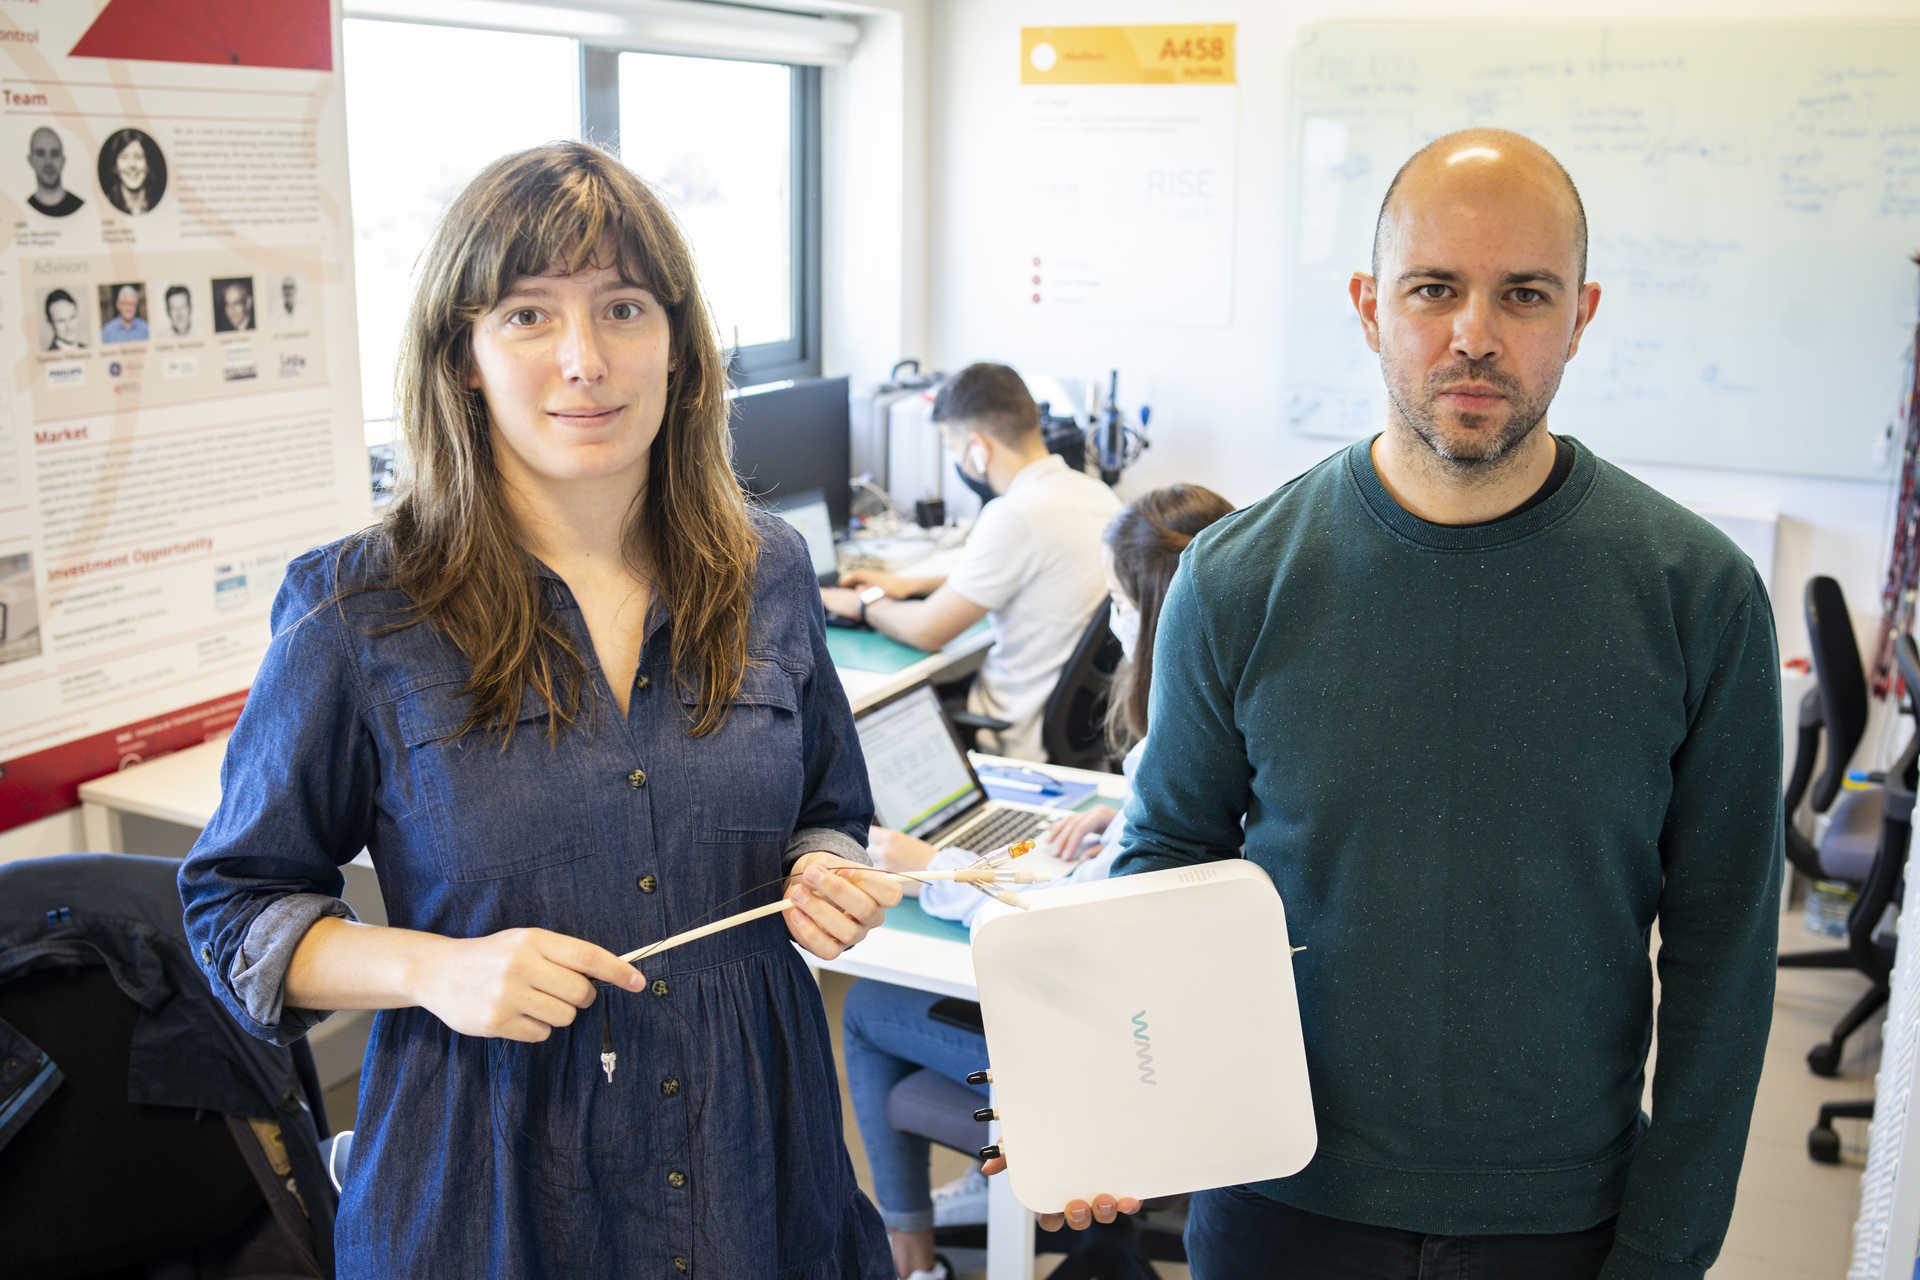 Joana melo e Luís Moutinho con uno dei prototipi realizzati nel PCI